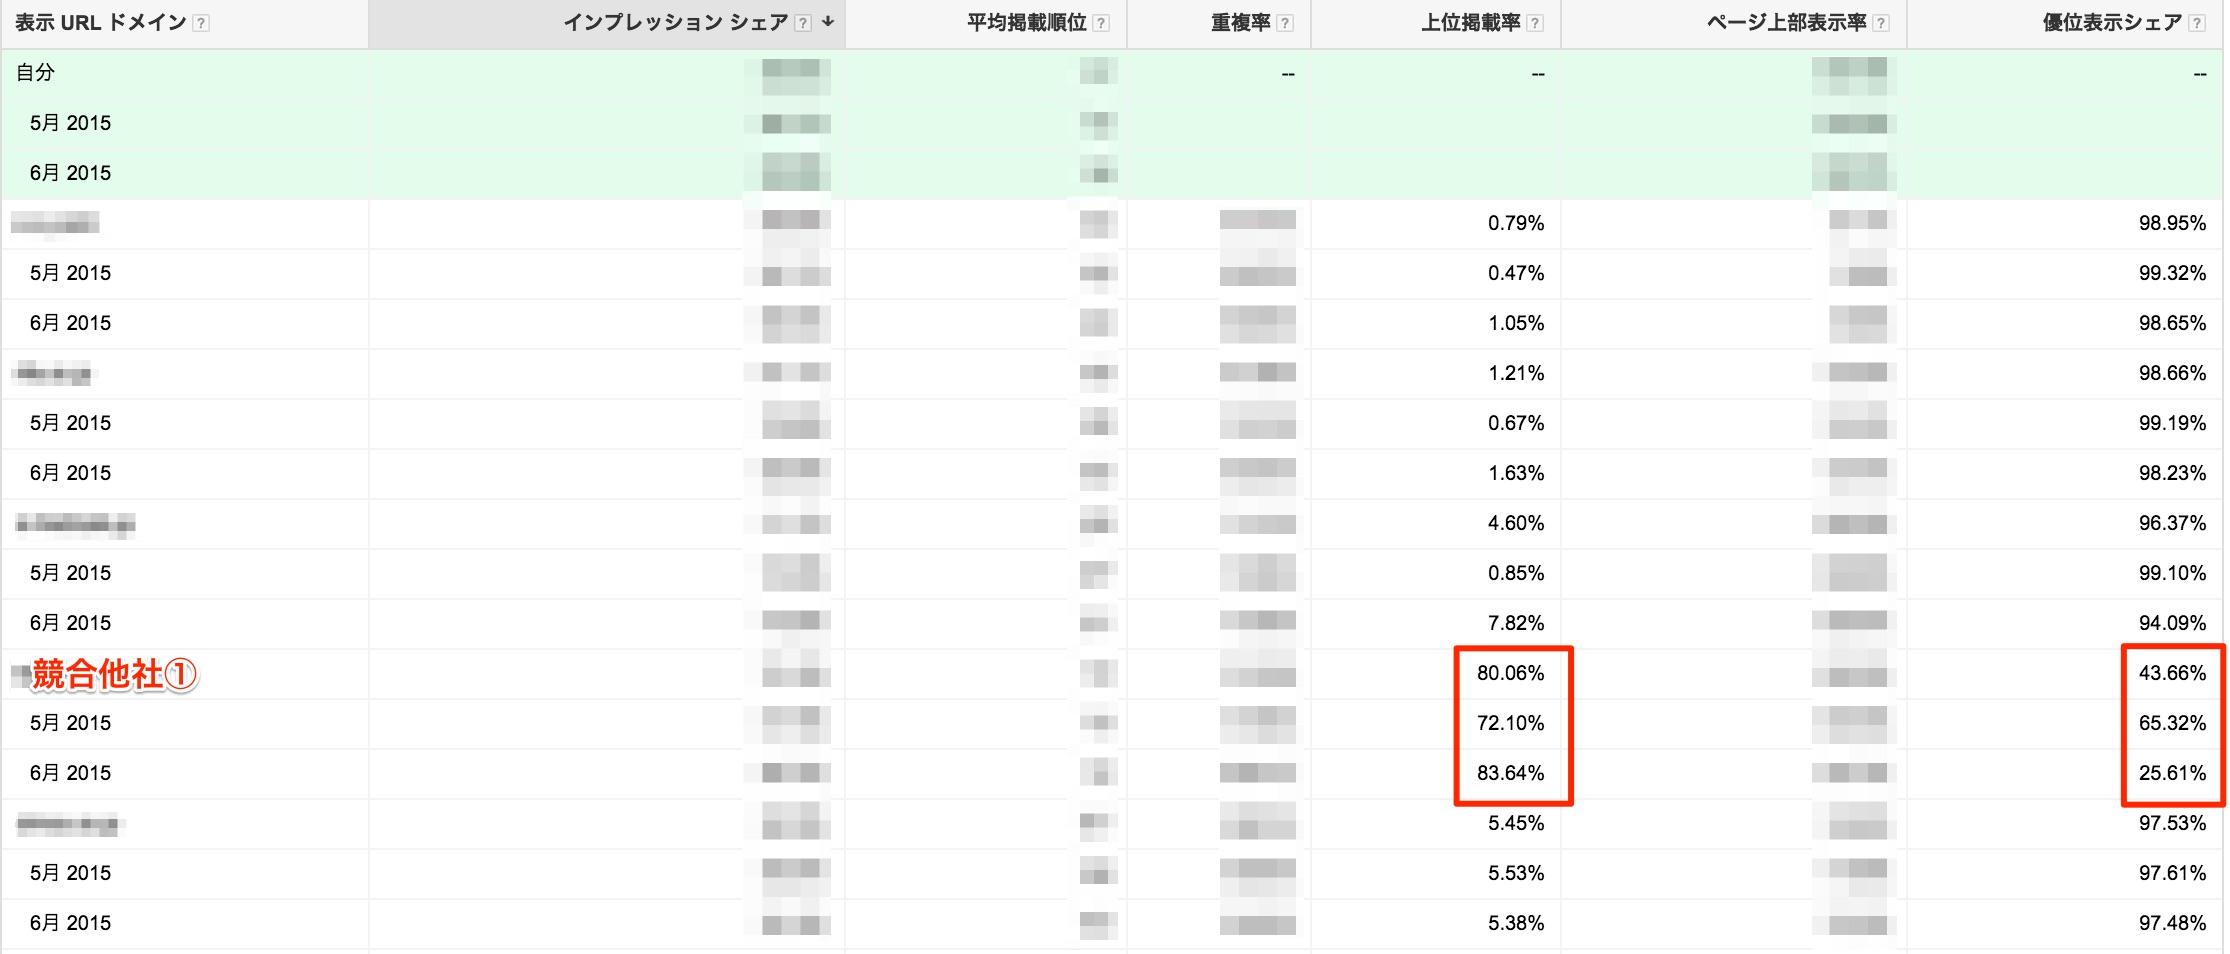 Adwords管理画面_kw_オークション分析_月別